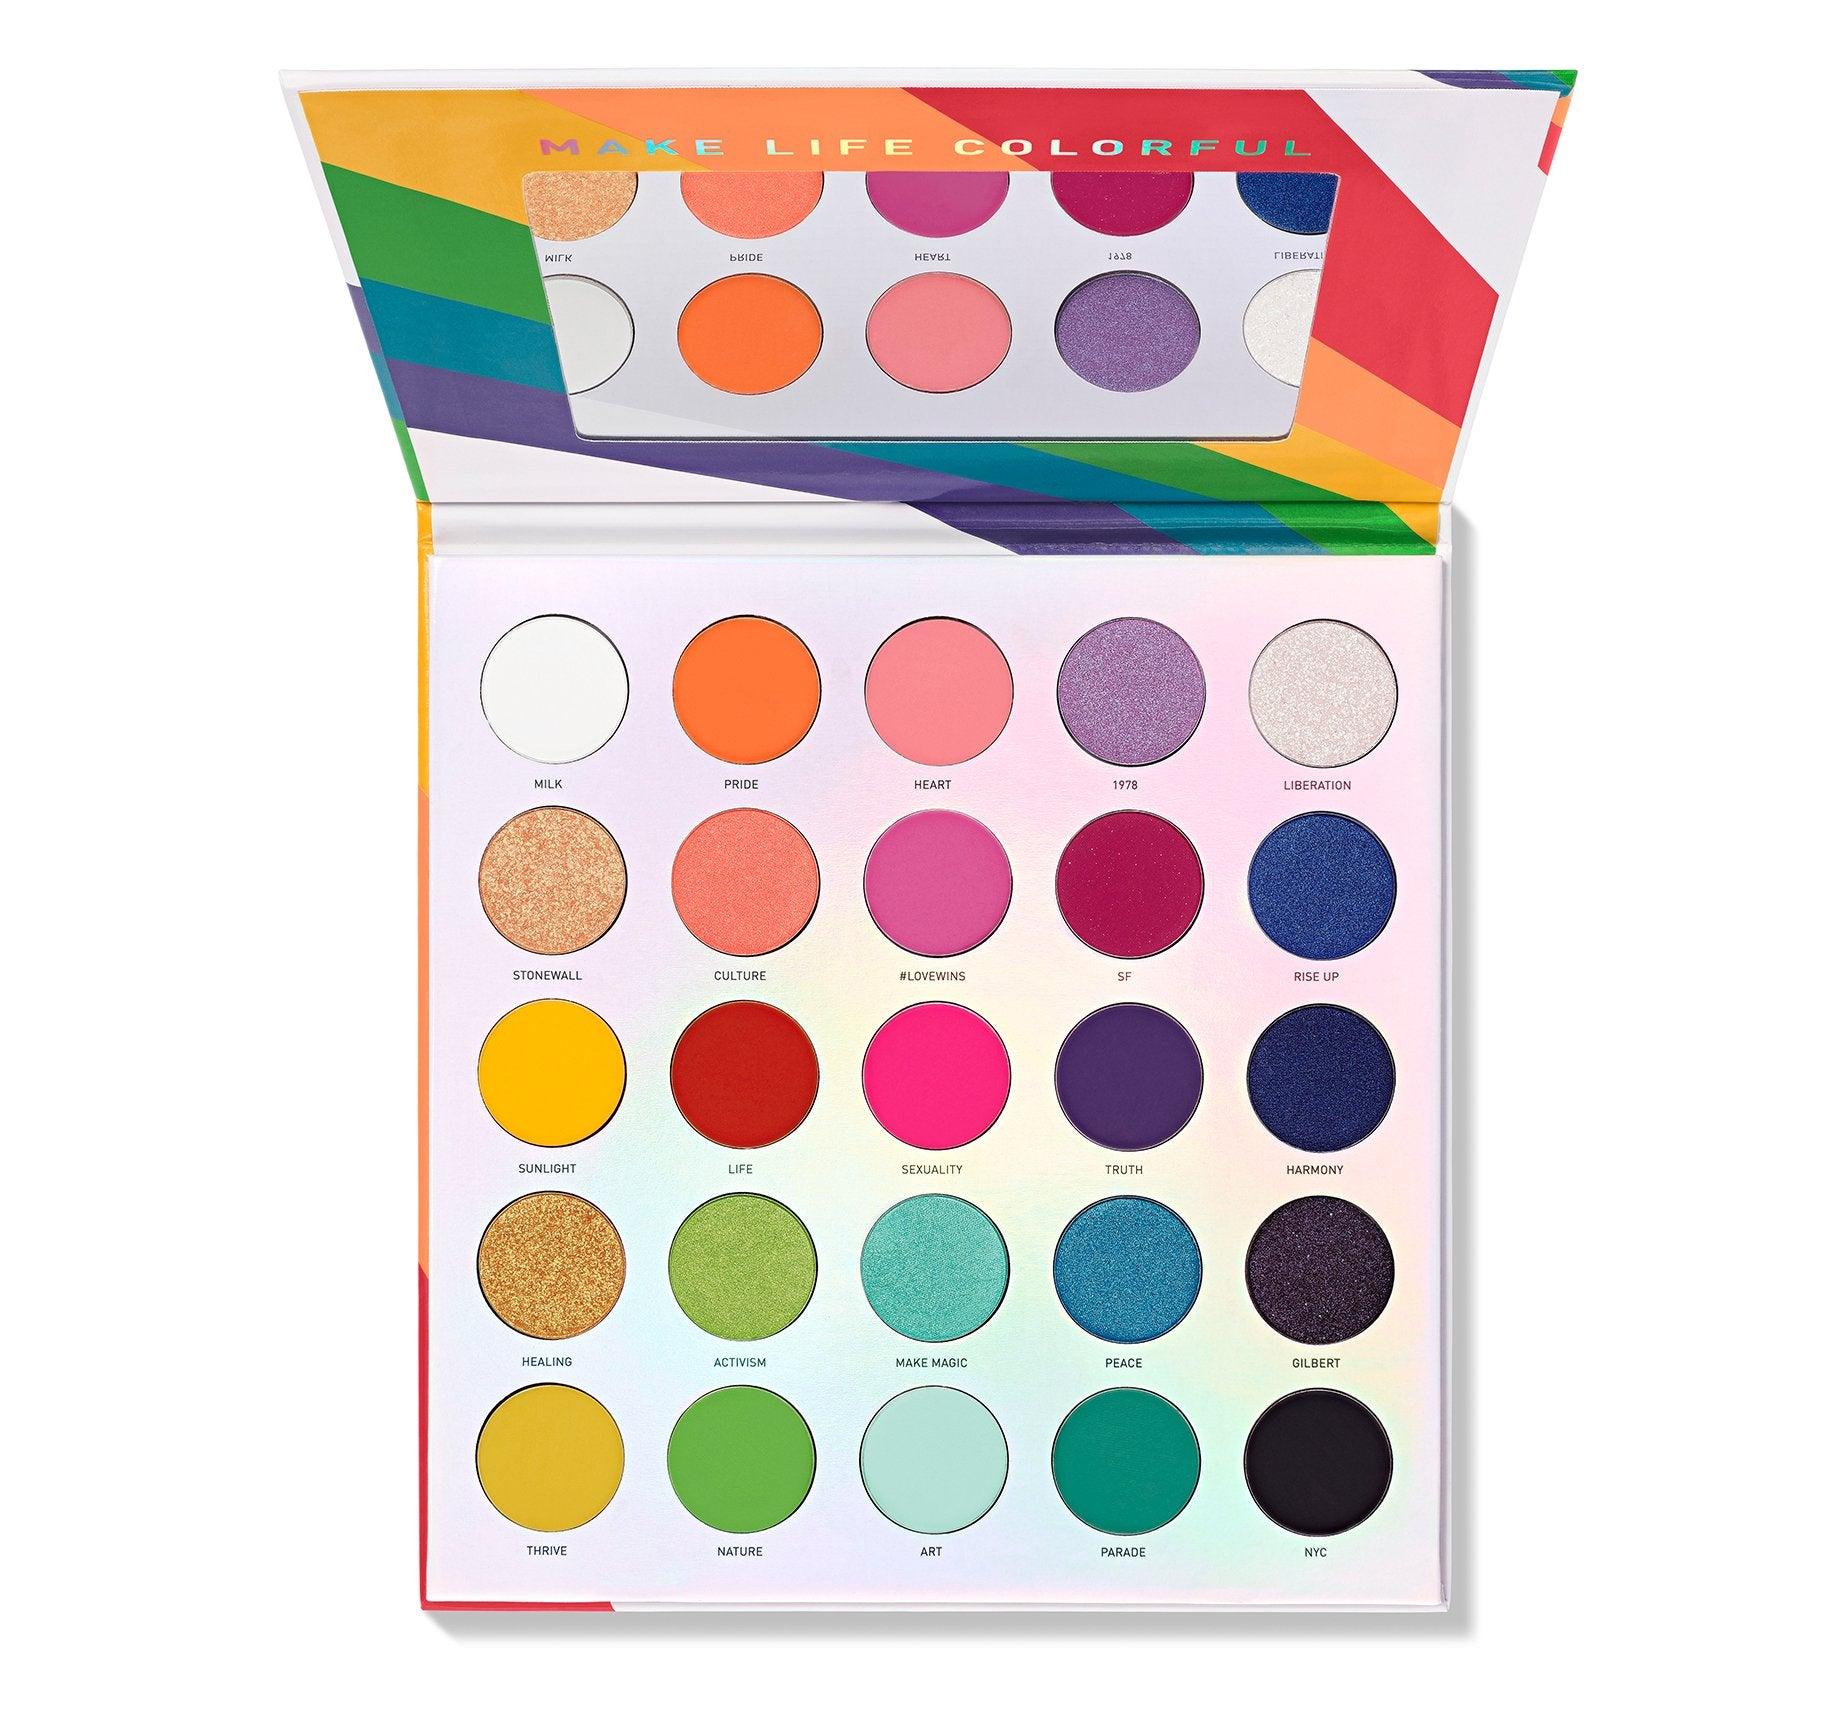 Morphe - 25L Live in Color Artistry Palette